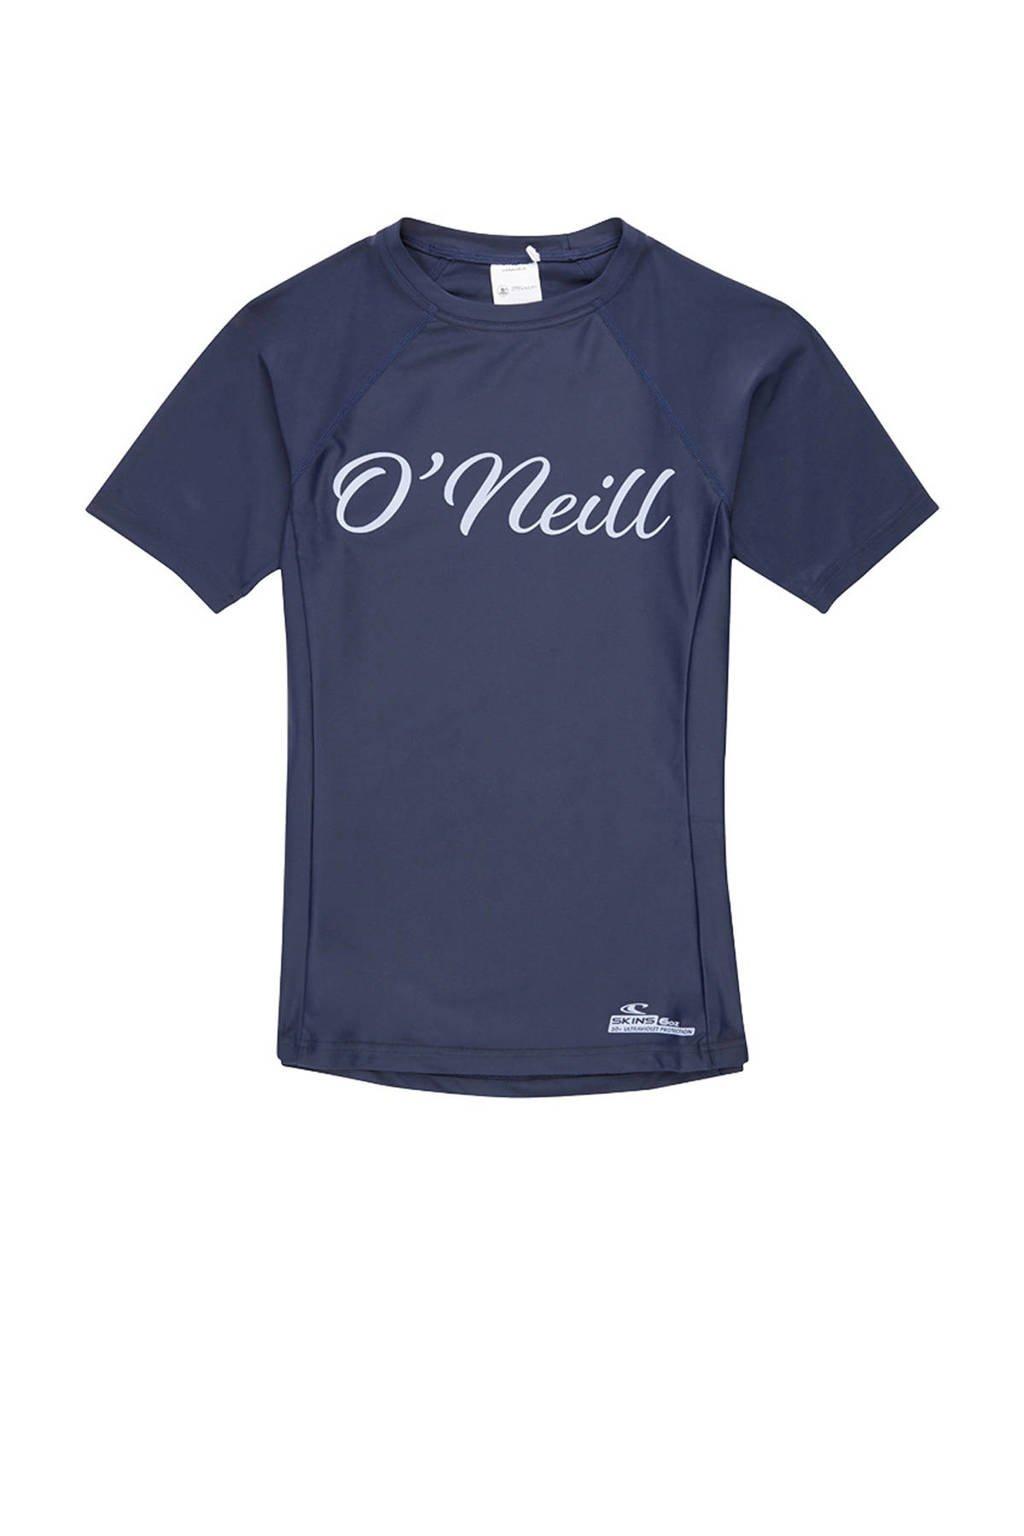 O'Neill UV shirt met logo donkerblauw, Donkerblauw